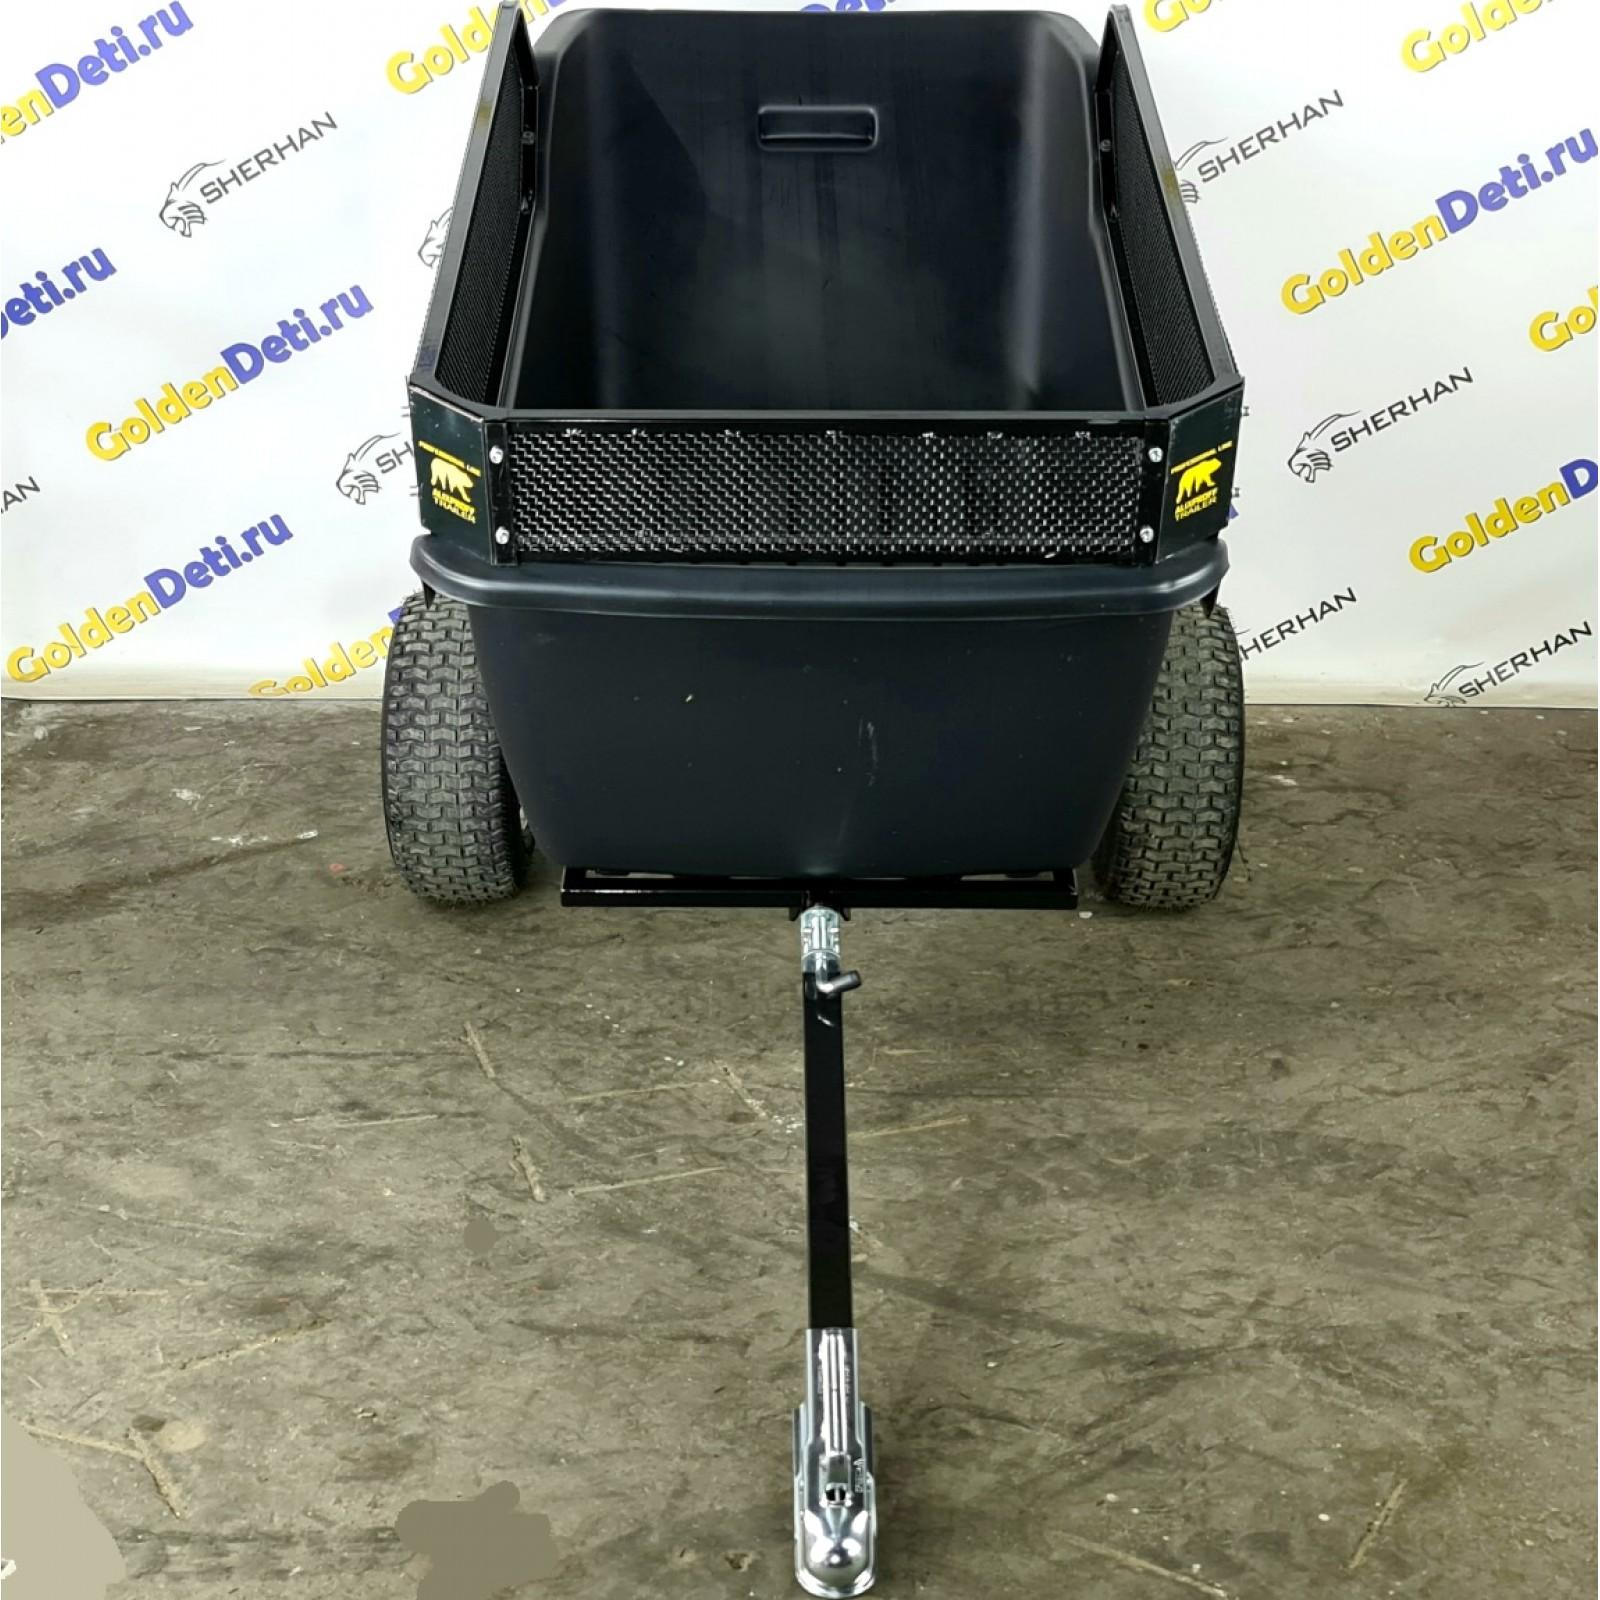 Прицеп для квадроцикла Sherhan Tub с бортами